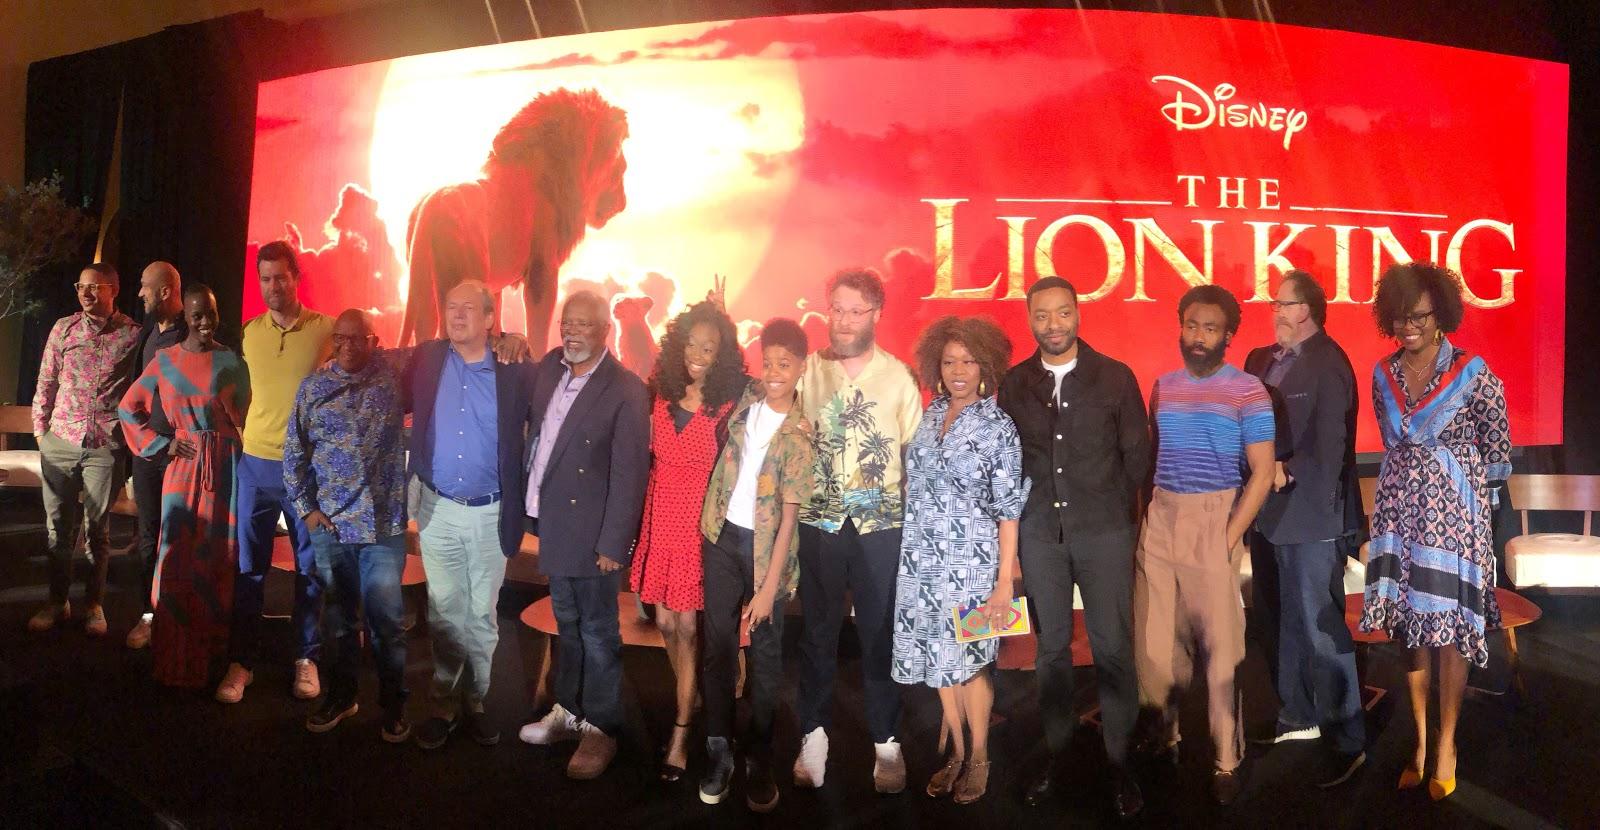 Video: Disney's